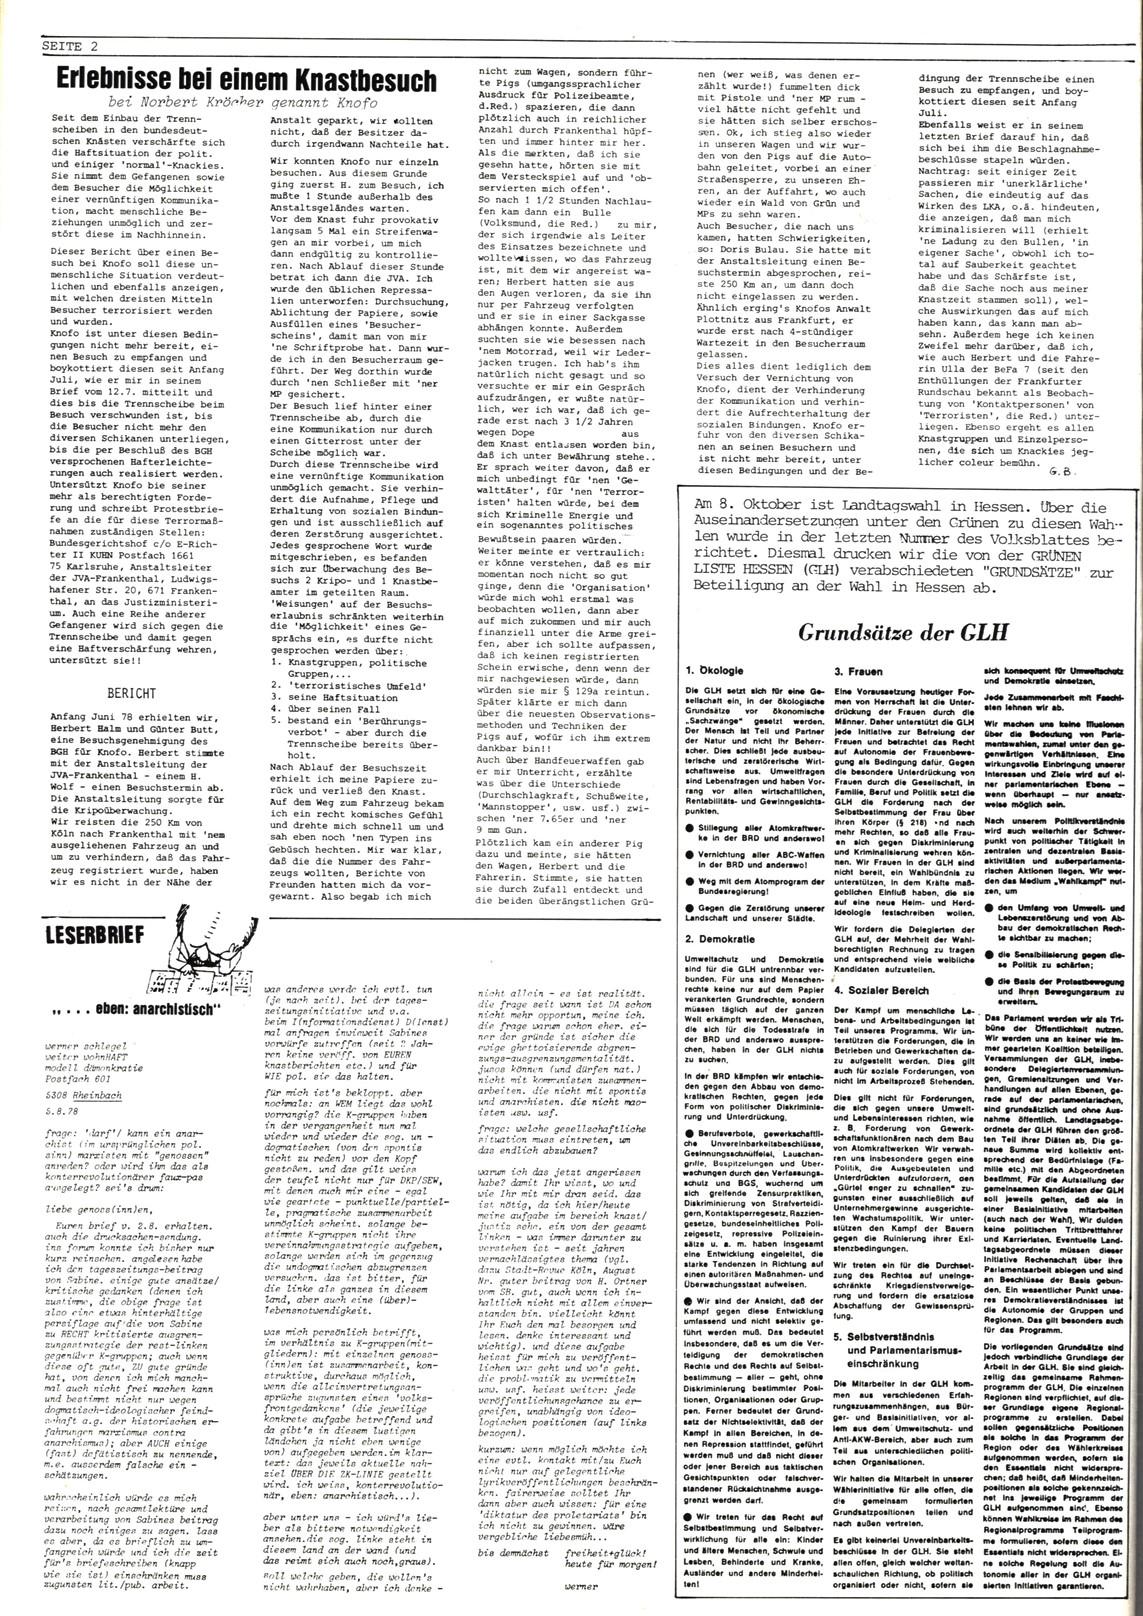 Bonner_Volksblatt_16_19780830_02